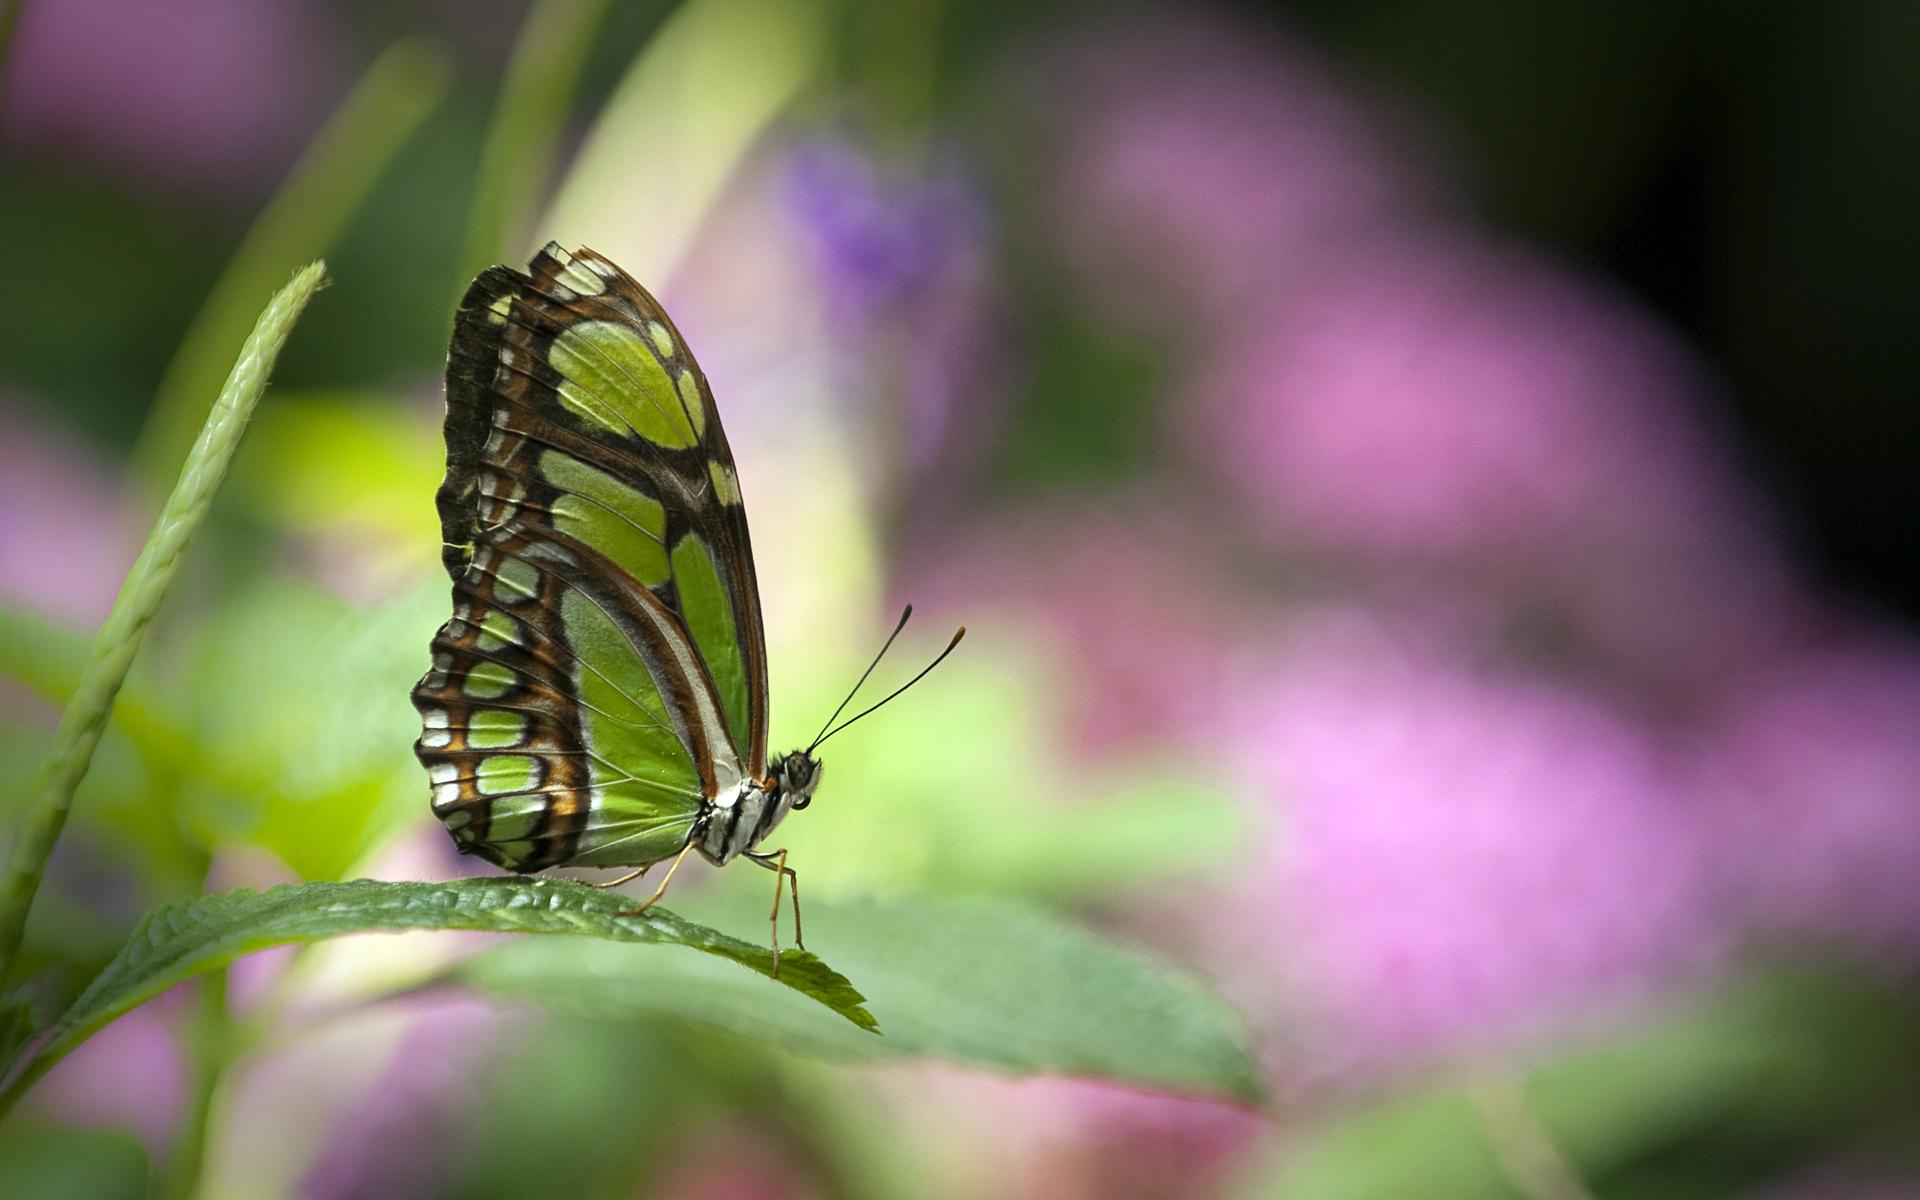 Free Butterfly Wallpaper Download - Green Butterflies On Flowers , HD Wallpaper & Backgrounds